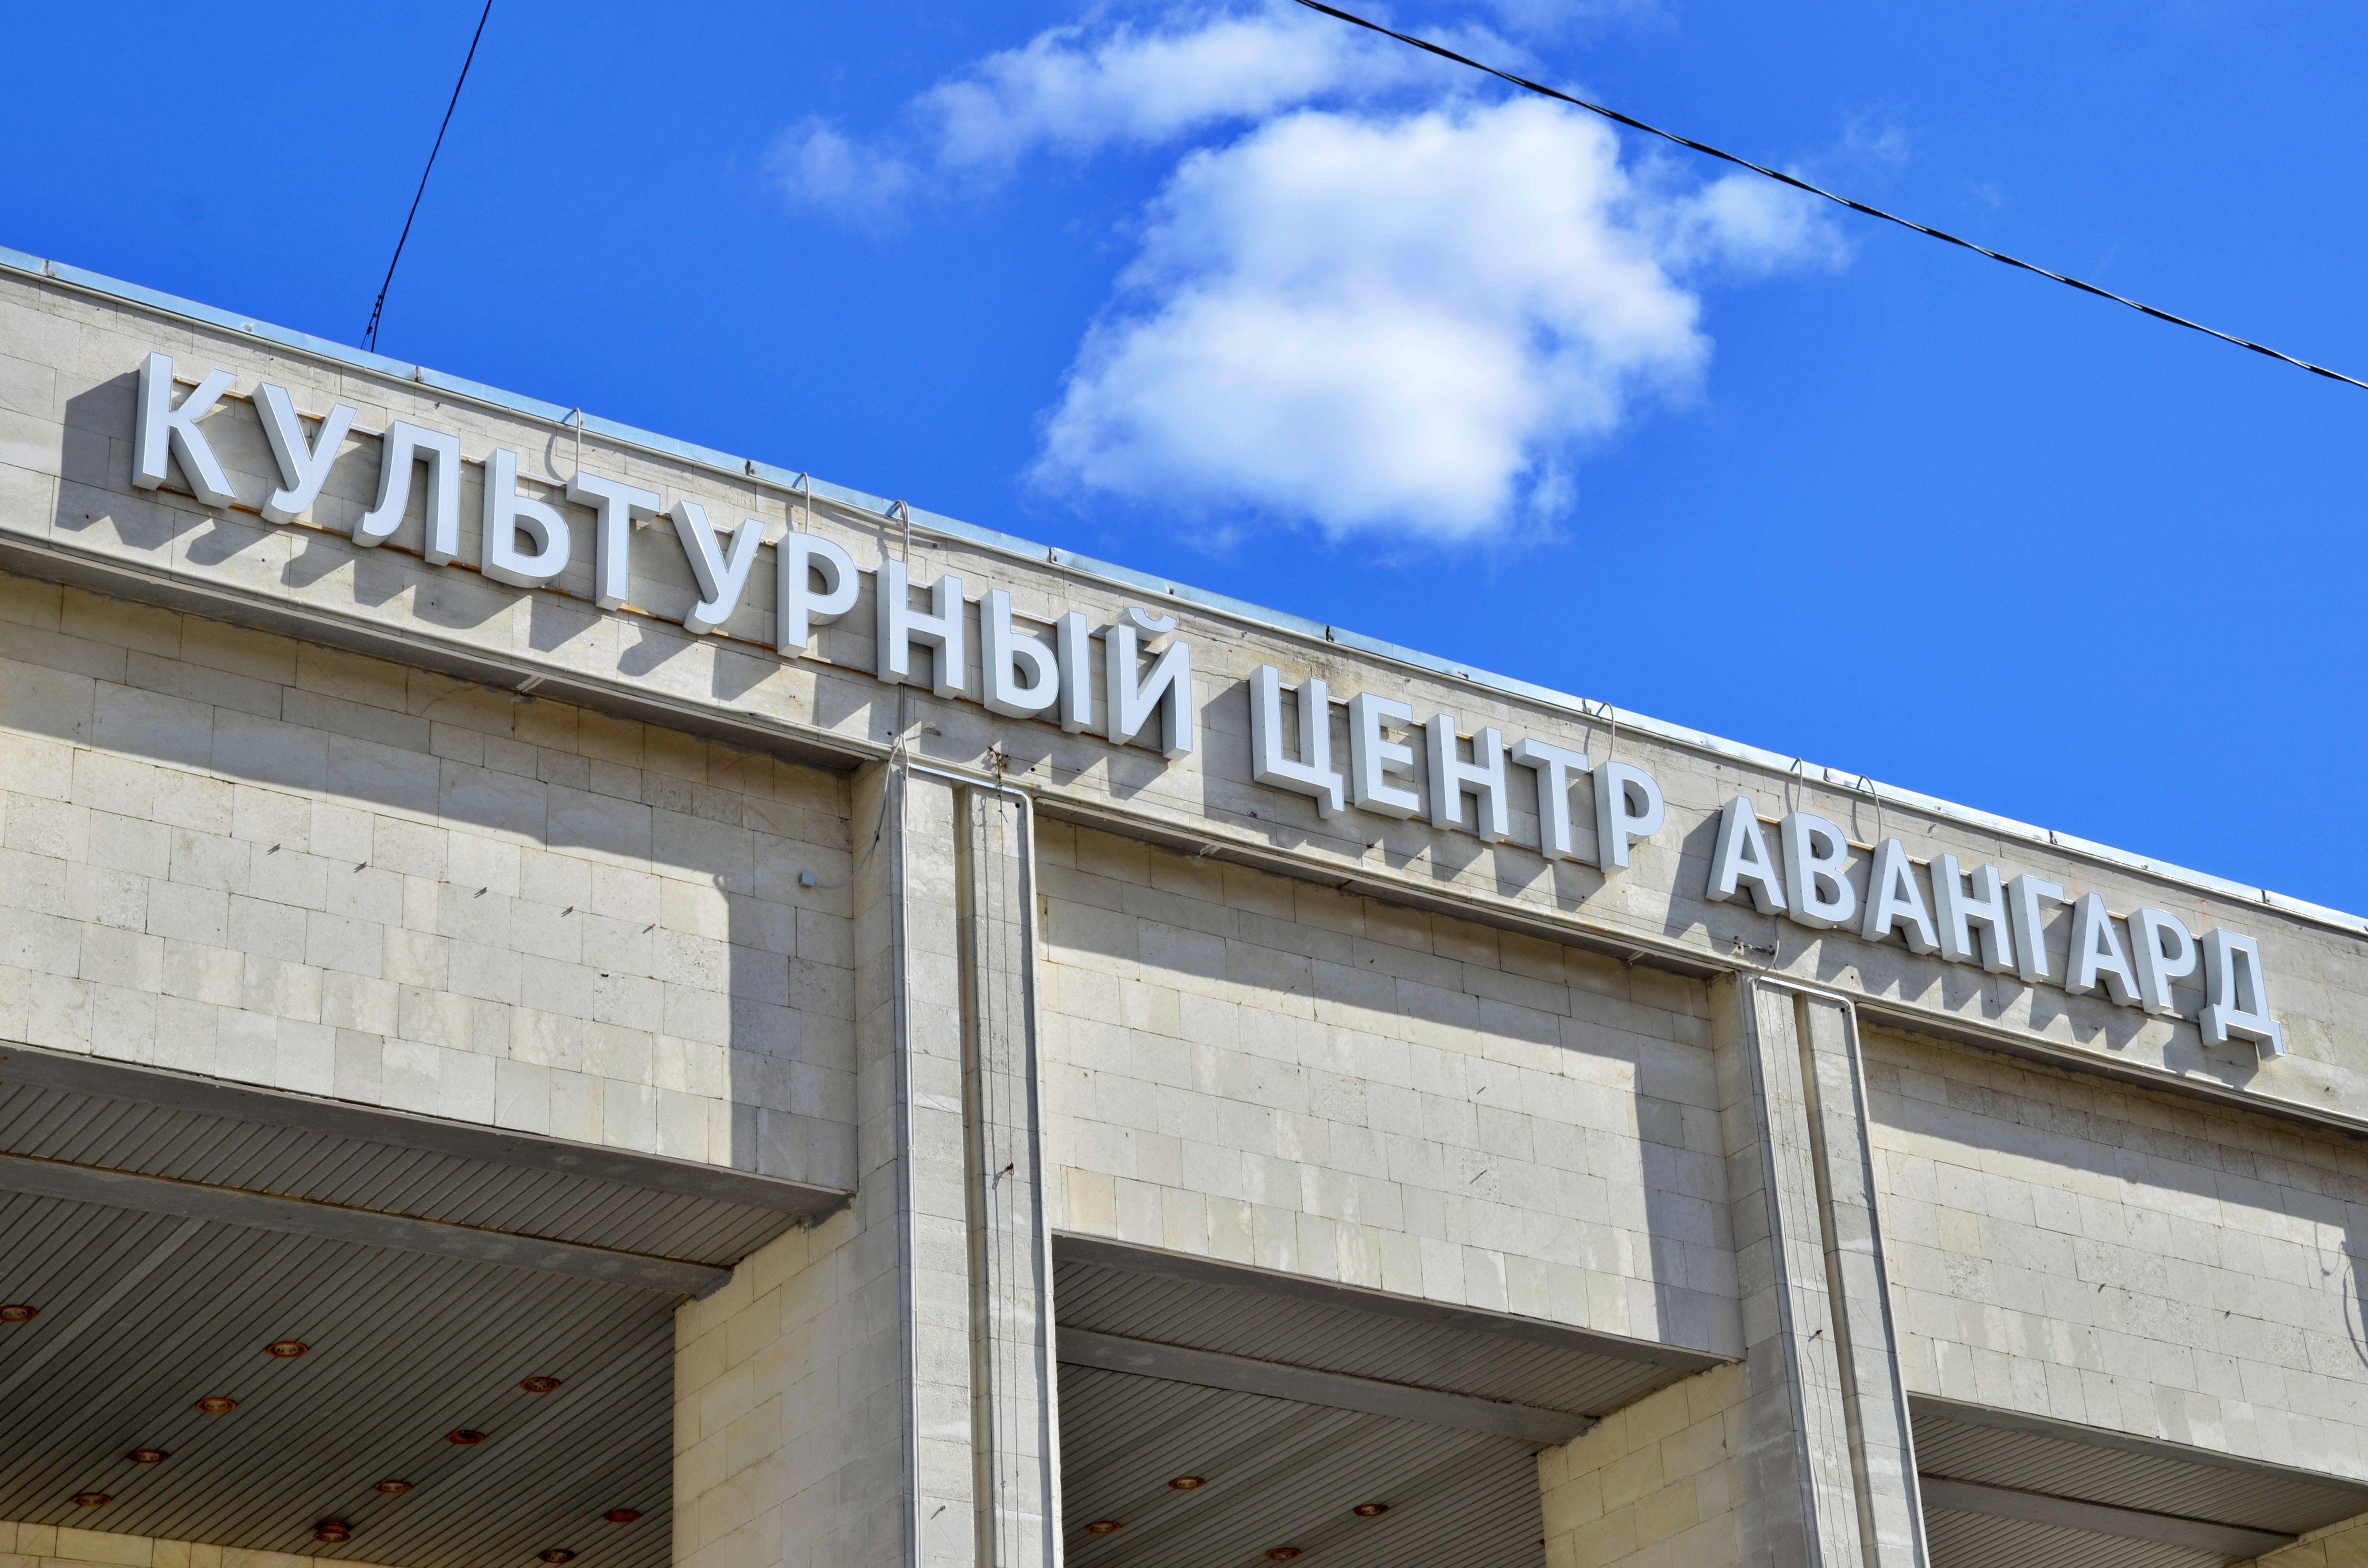 Путешествие в смешное: москвичей пригласили на спектакль